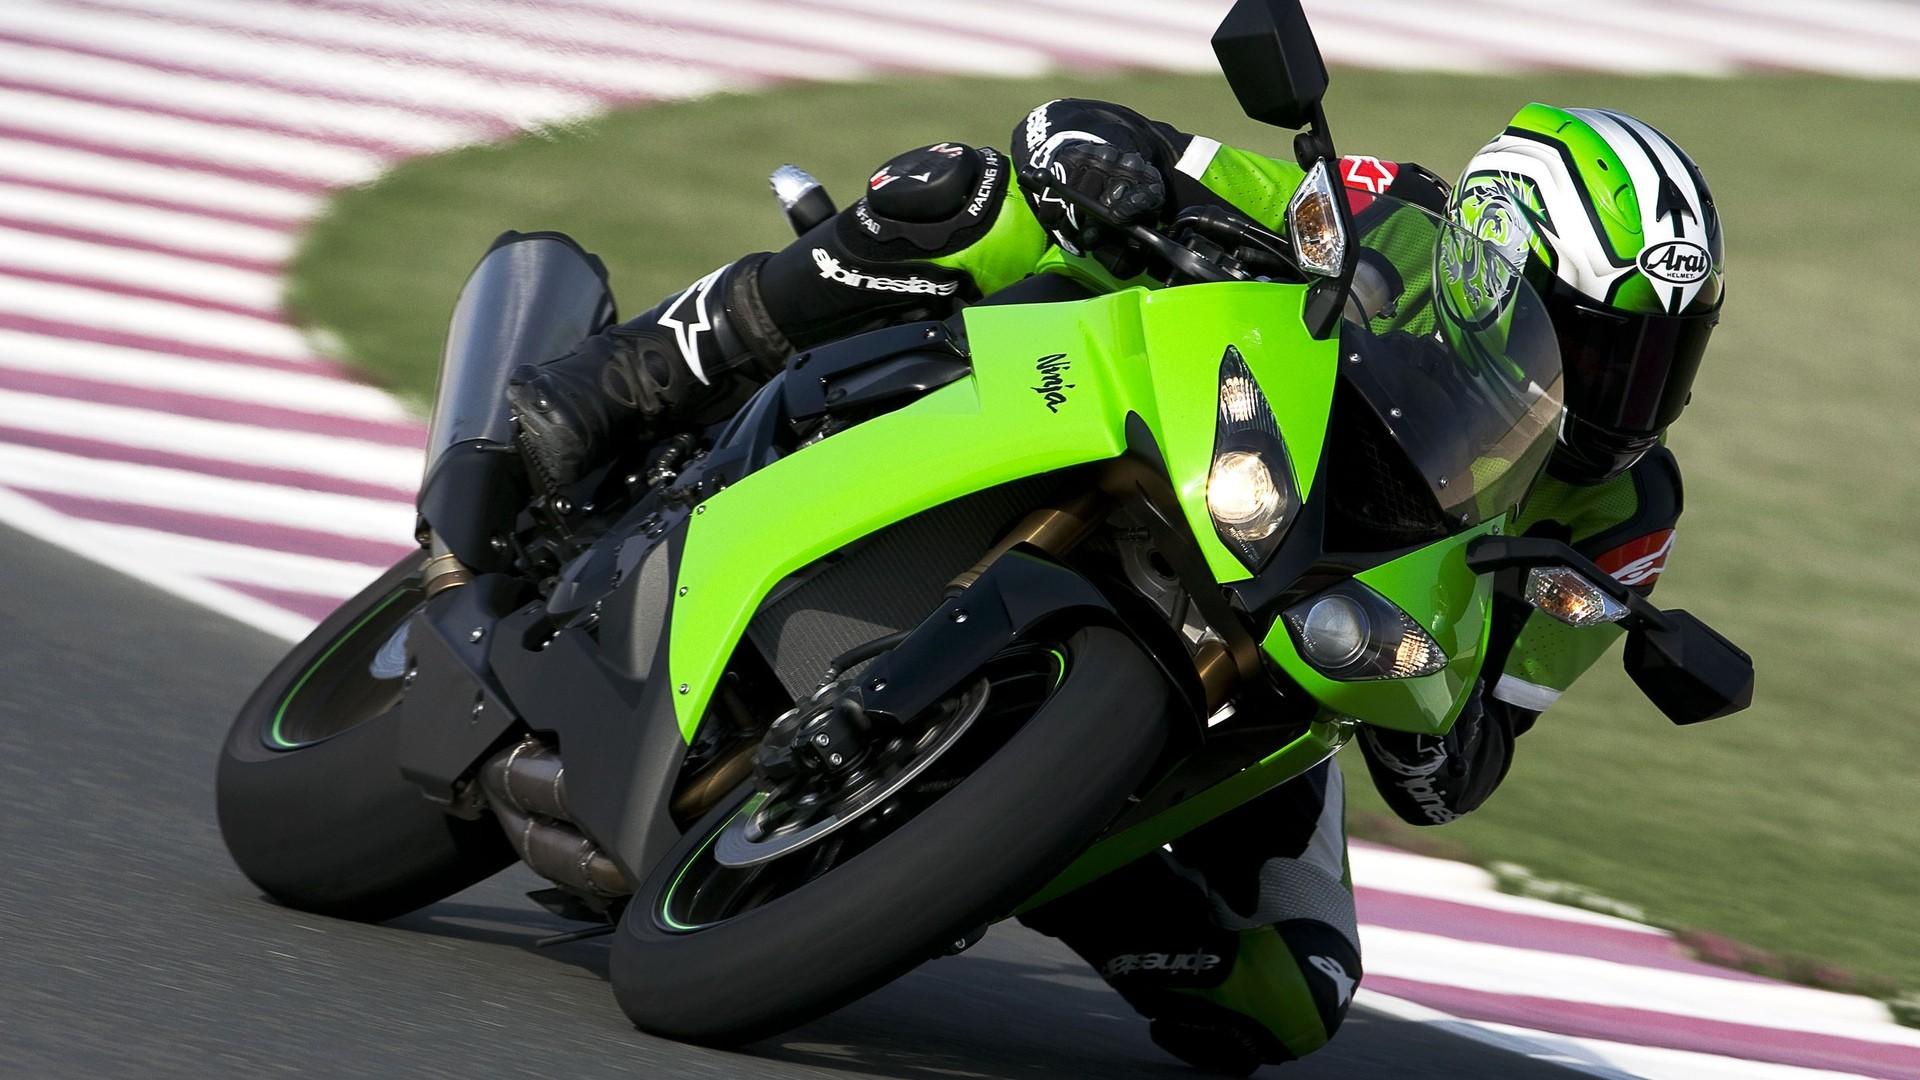 Kawasaki Full HD Wallpaper